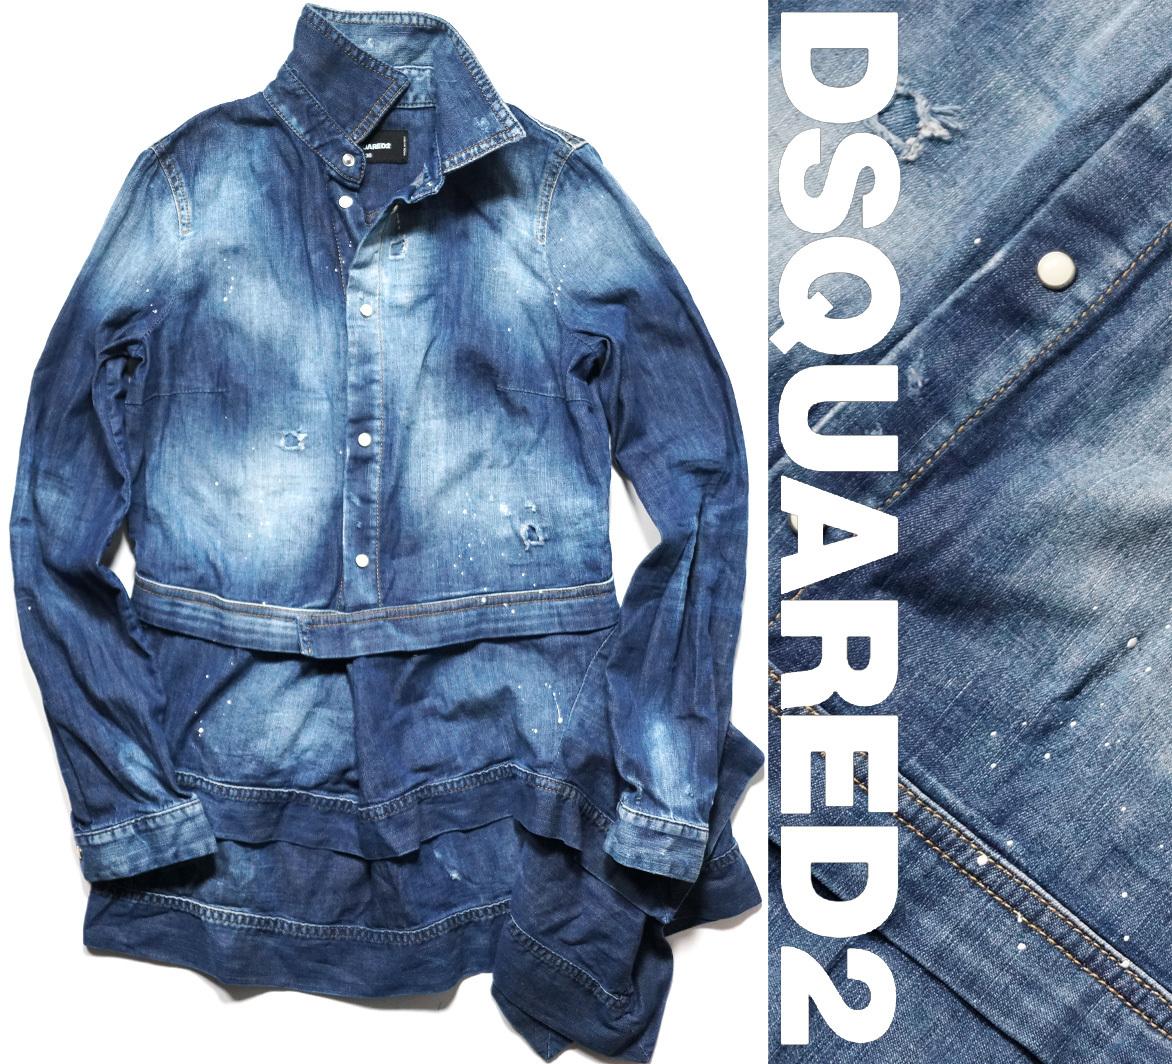 新品10.8万【DSQUARED2】ディースクエアード/伊製/美しいインディゴの陰影/クラッシュリペア加工変形デニムシャツ36/XXS-XS相当/a838